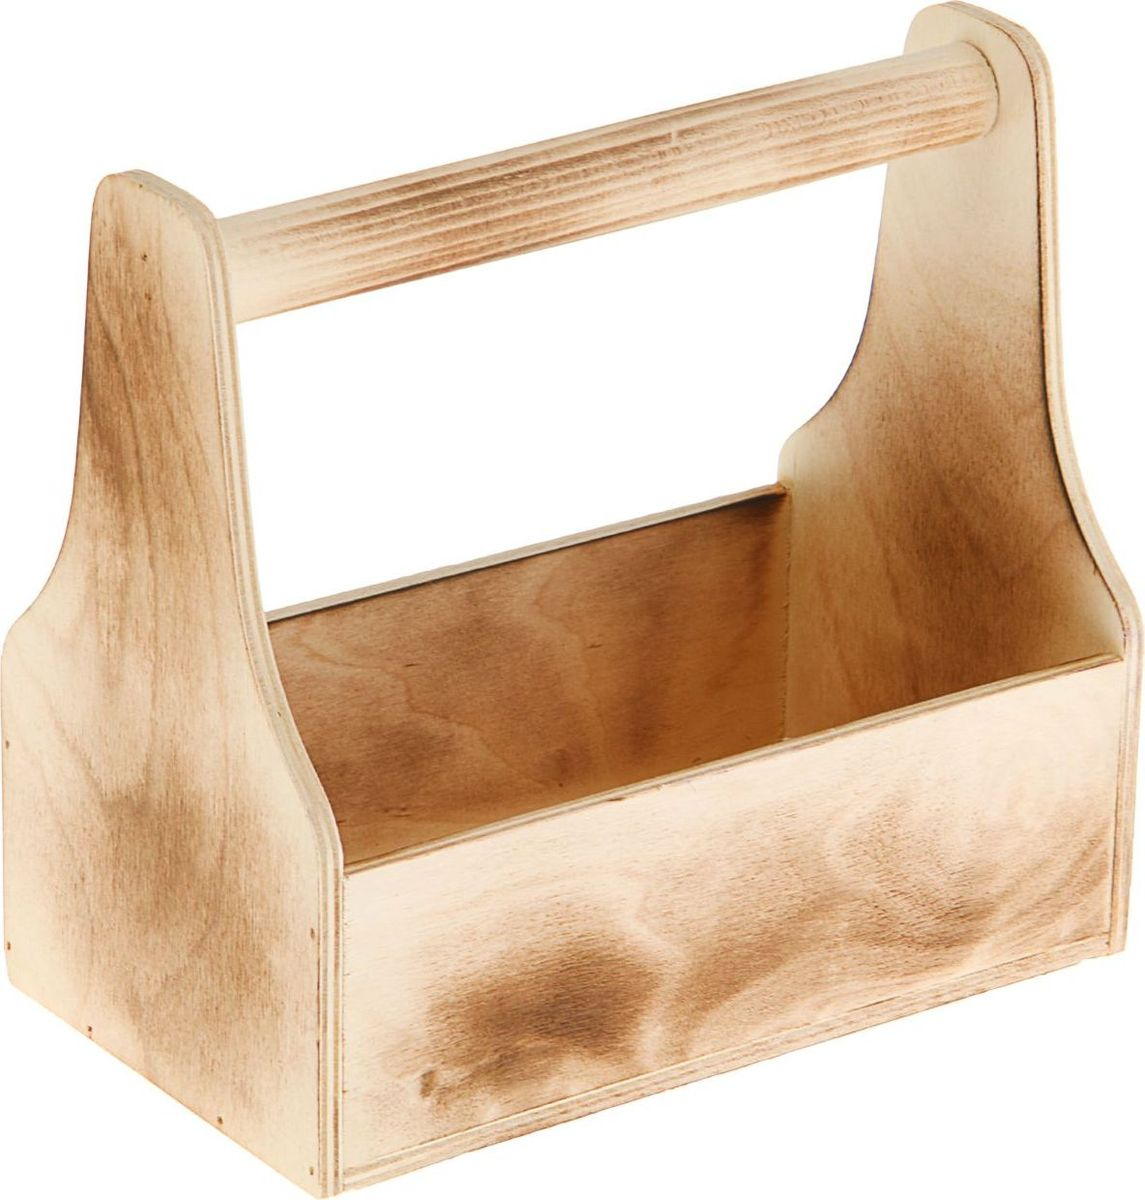 Кашпо ТД ДМ Ящик для инструментов, 20 х 20 х 12,5 см1874338Кашпо ТД ДМ Ящик для инструментов имеет уникальную форму, сочетающуюся как с классическим, так и с современным дизайном интерьера. Оно изготовлено из дерева предназначено для выращивания растений, цветов и трав в домашних условиях. Кашпо порадует вас функциональностью, а благодаря лаконичному дизайну впишется в любой интерьер помещения. Размеры кашпо: 20 х 20 х 12,5 см.